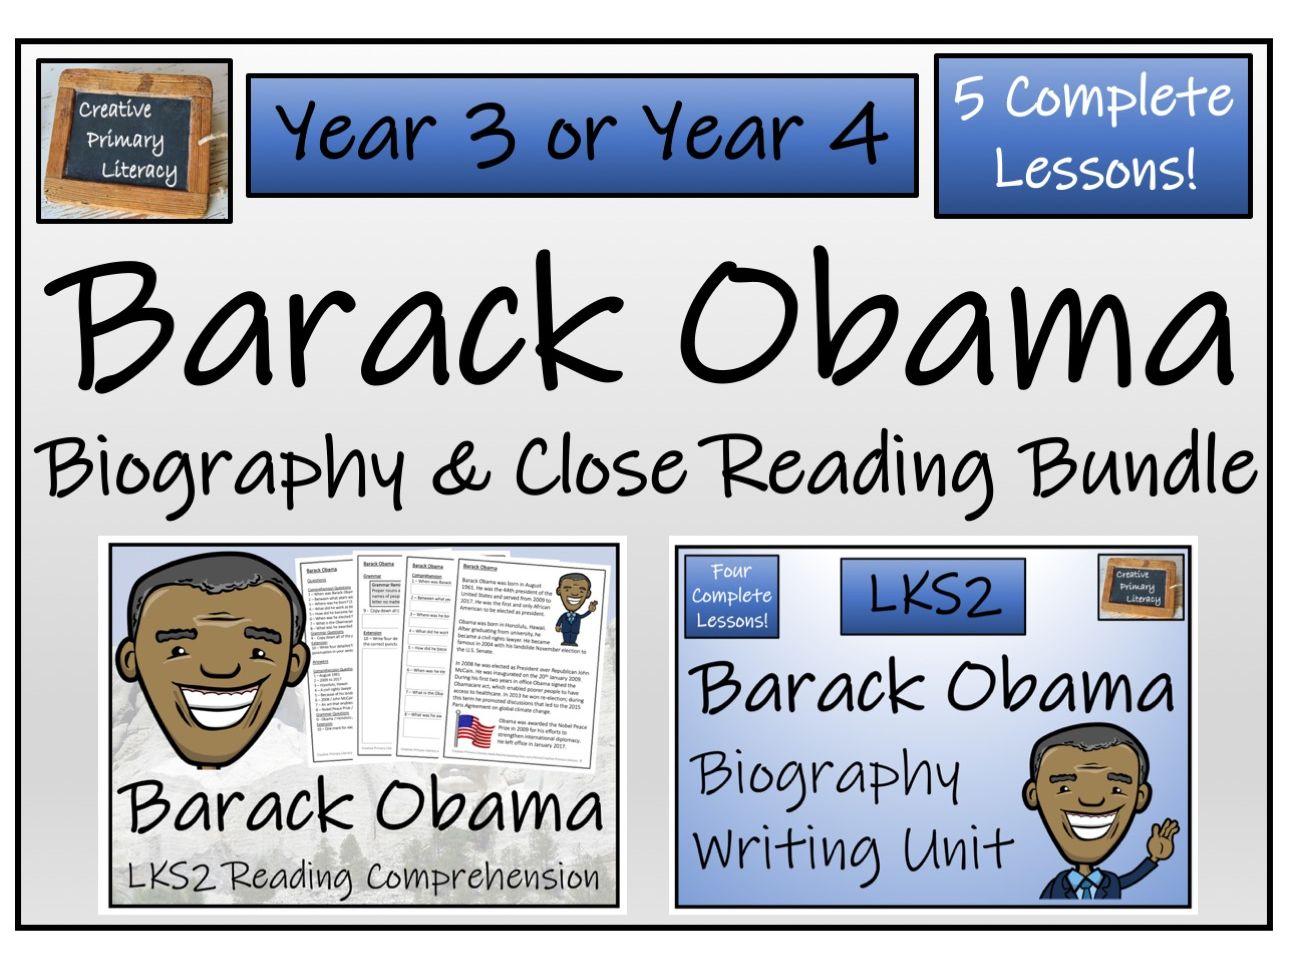 LKS2 - Barack Obama Reading Comprehension & Biography Bundle